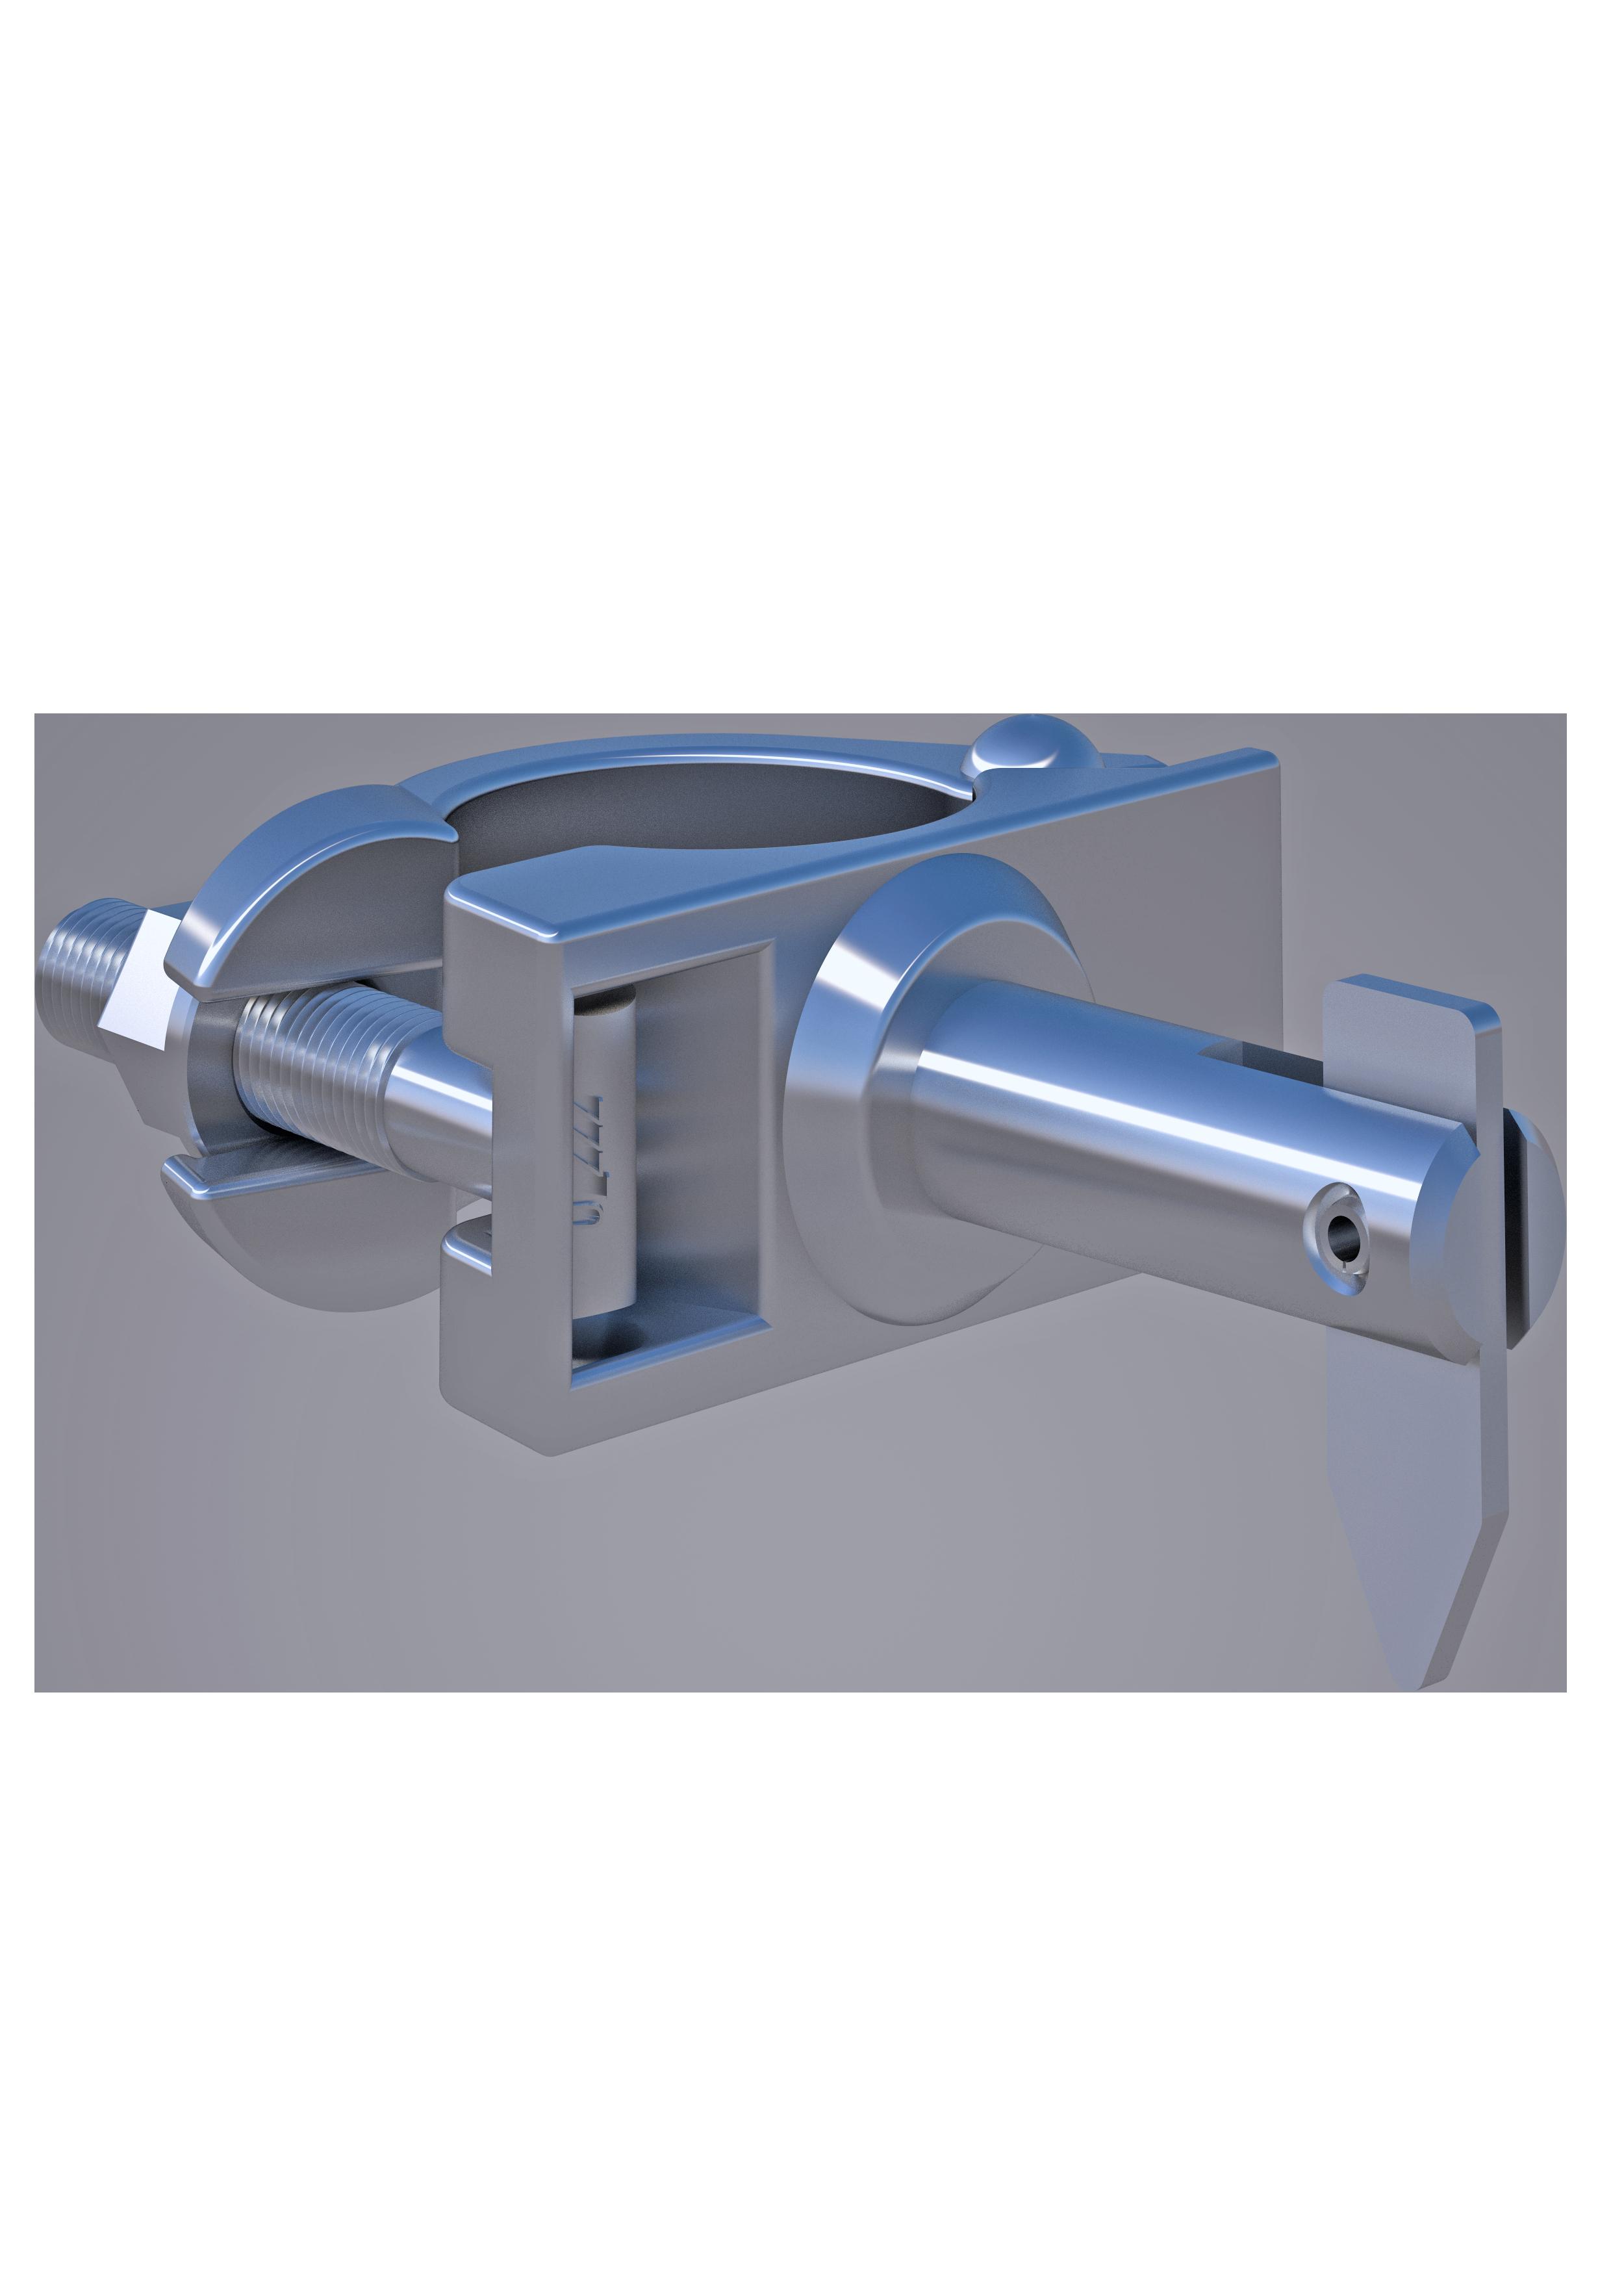 Kippstiftkupplung, 48.3 mm, SW 22mm